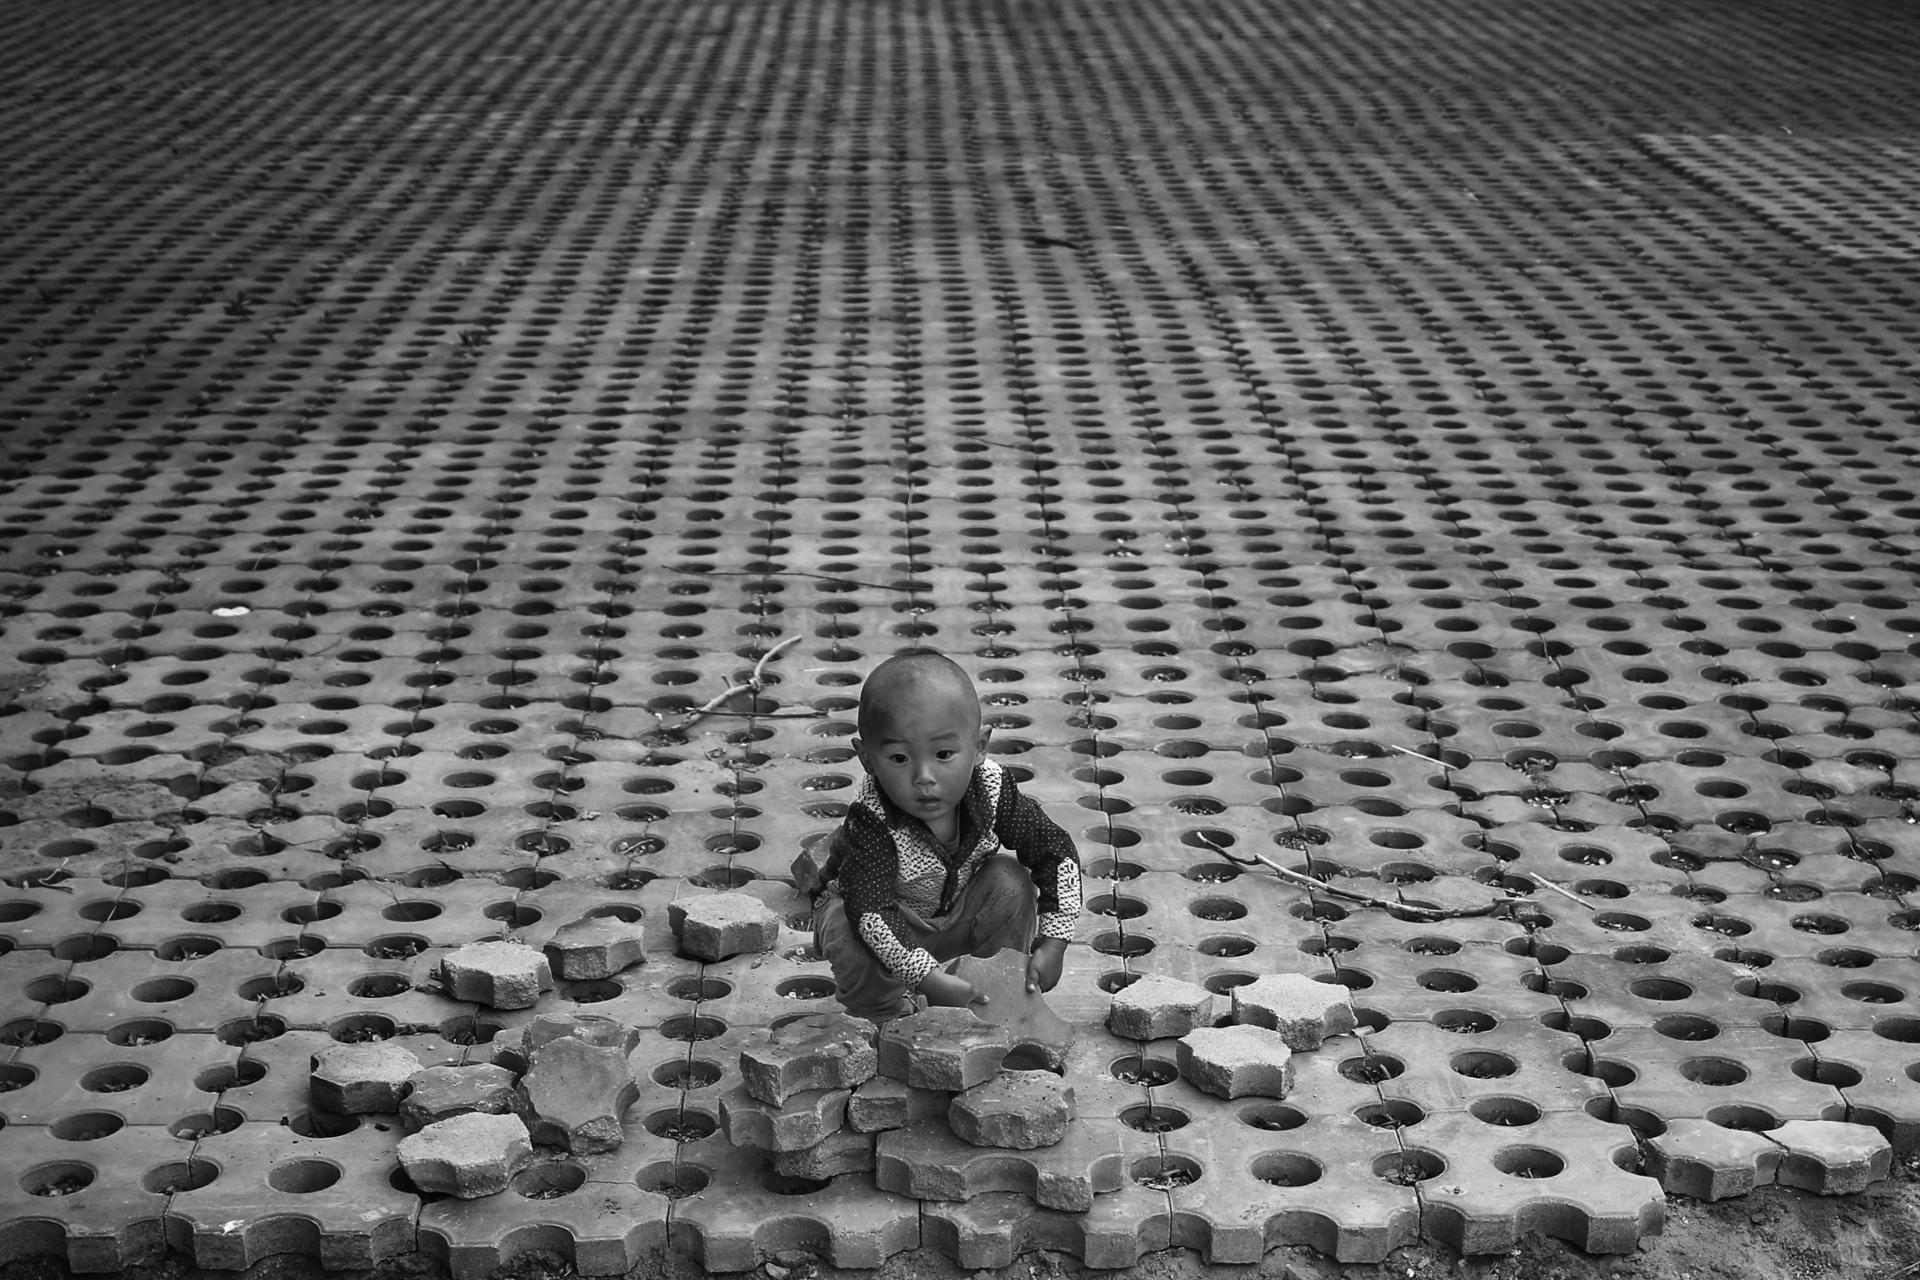 Portrait de rue - Enfant jouant avec des pavées a Pekin